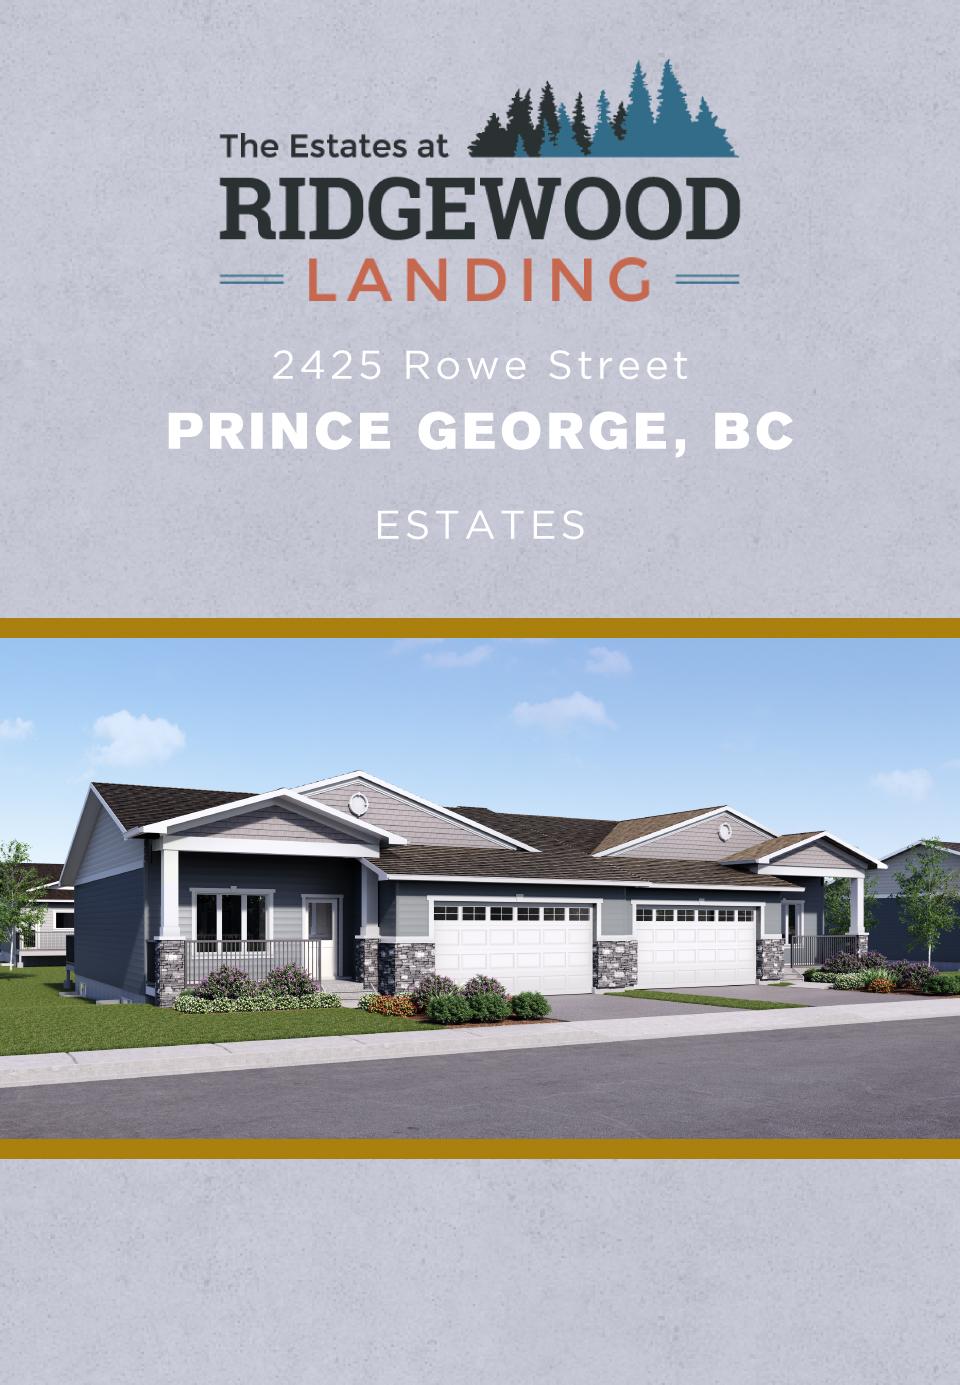 Ridgewood Landing Estates